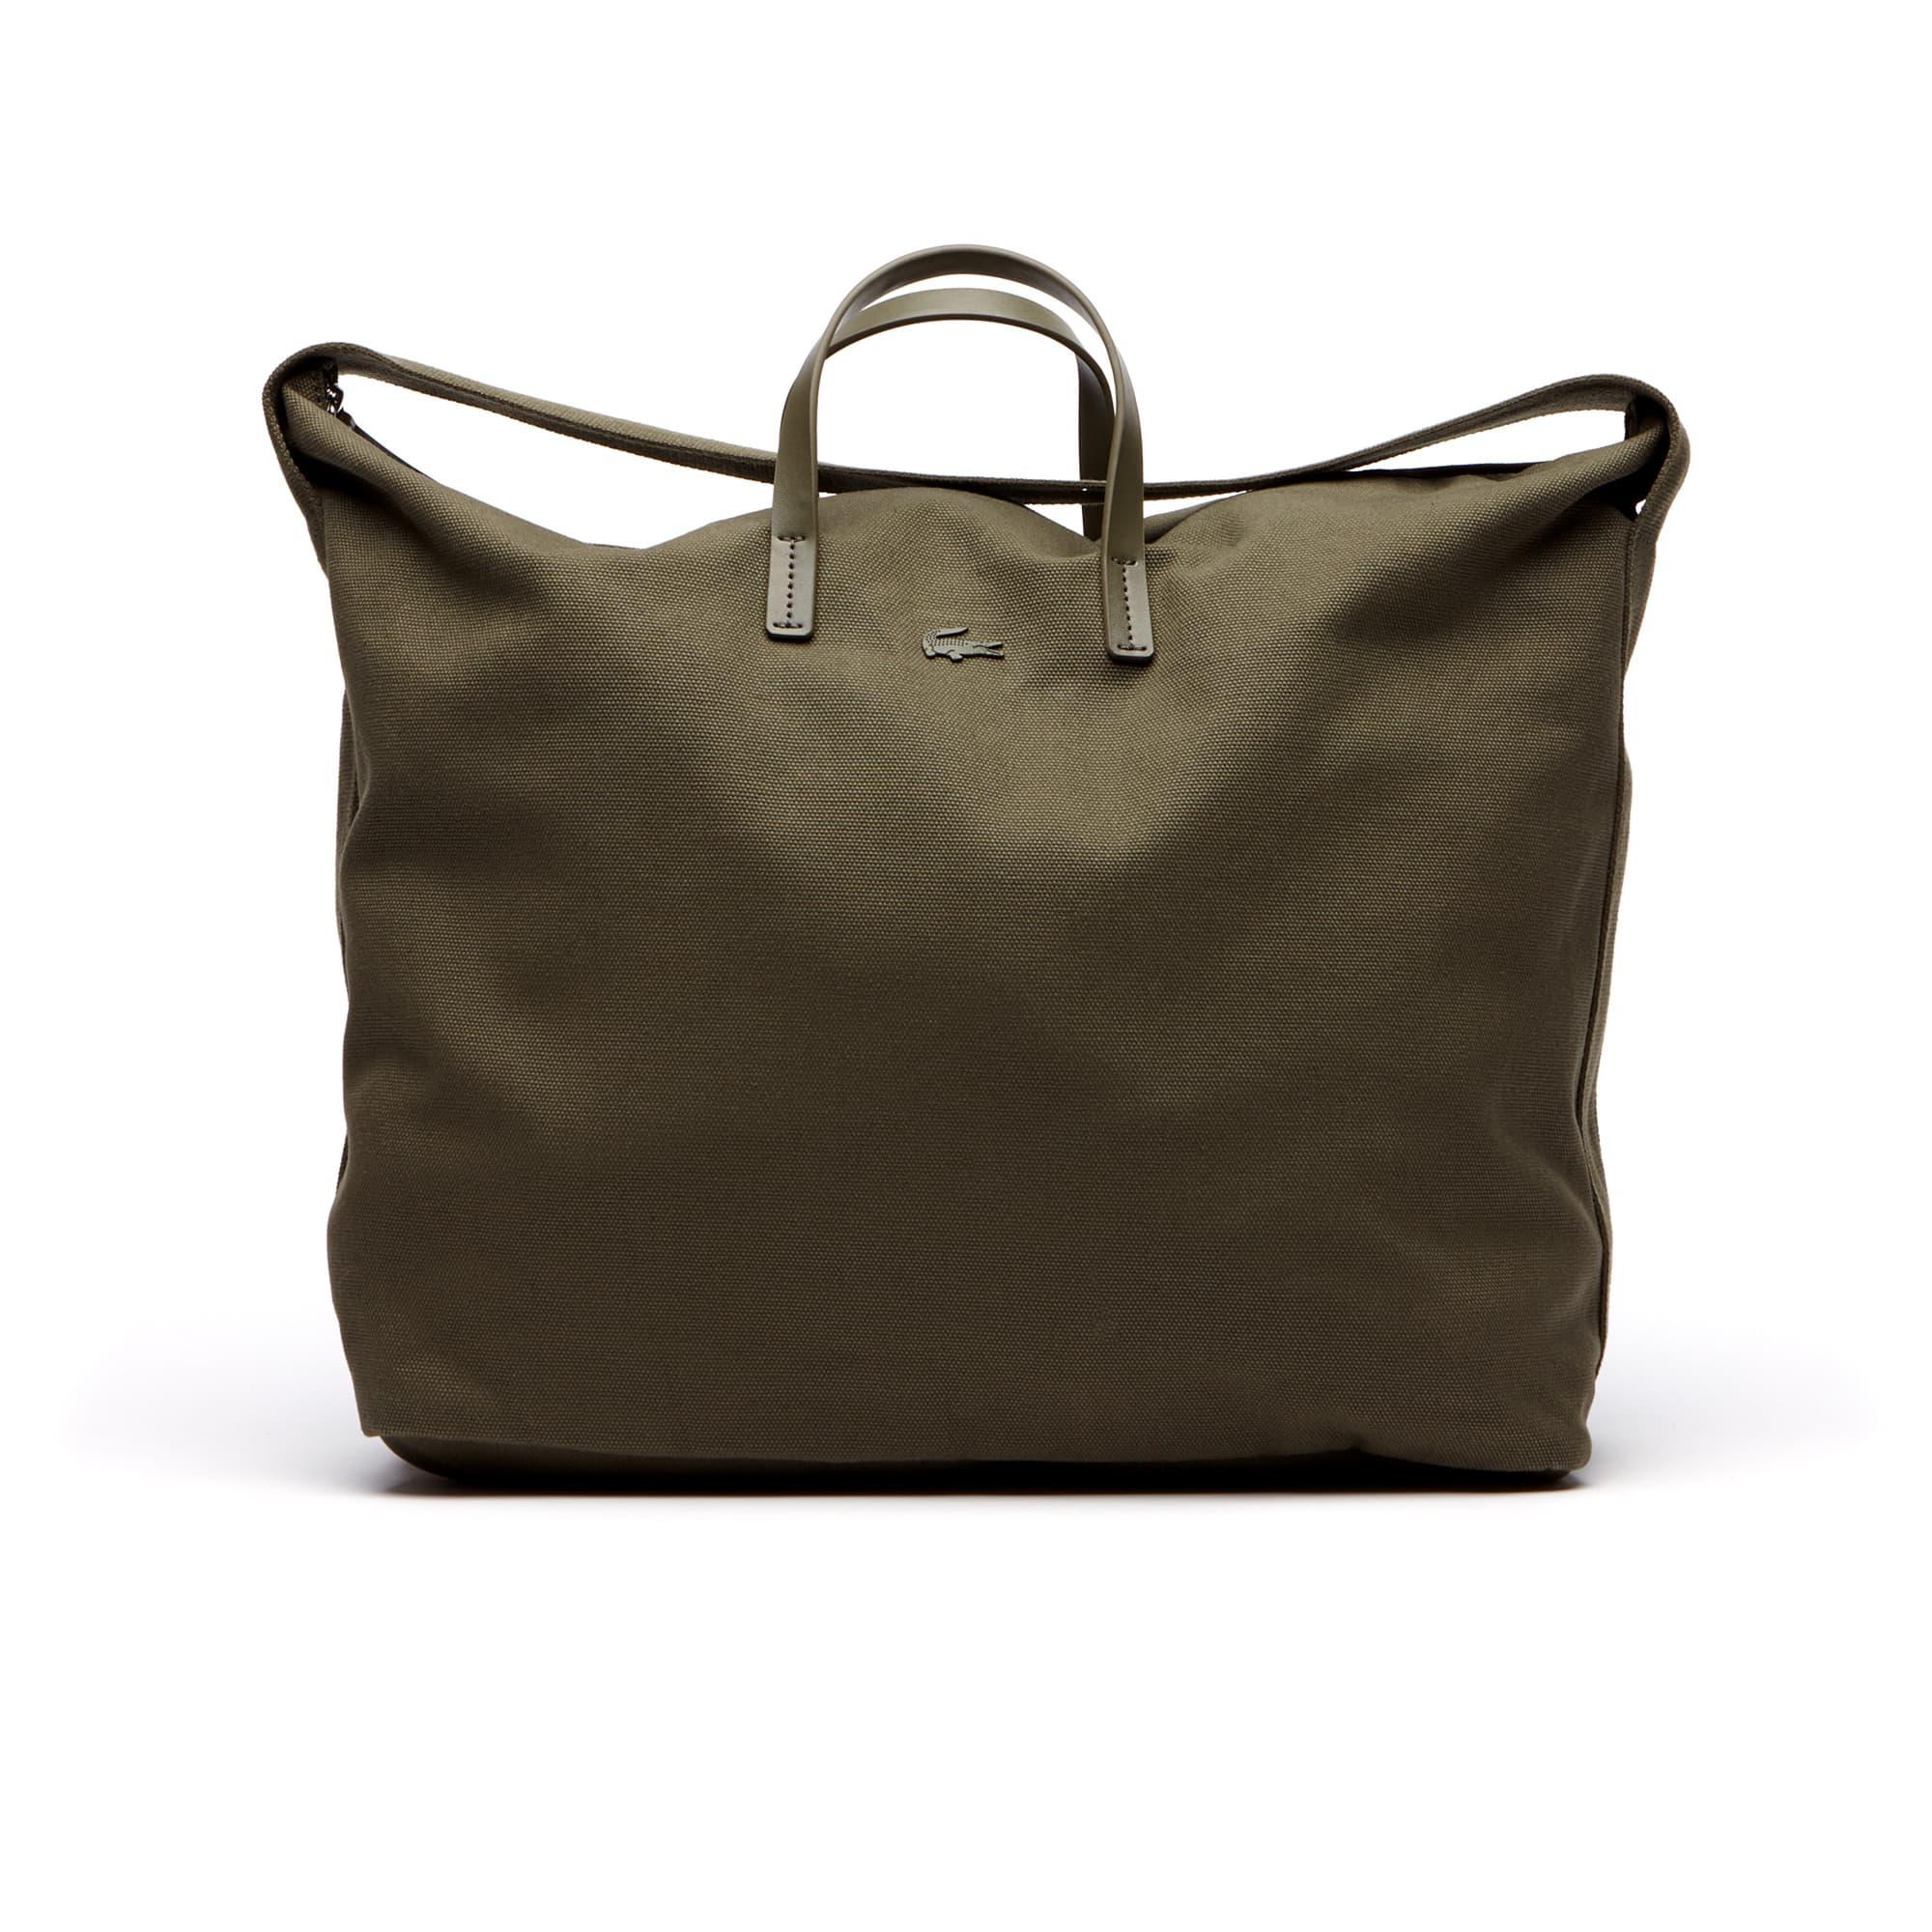 Grand sac cabas zippé à bandoulière Suzie en coton monochrome